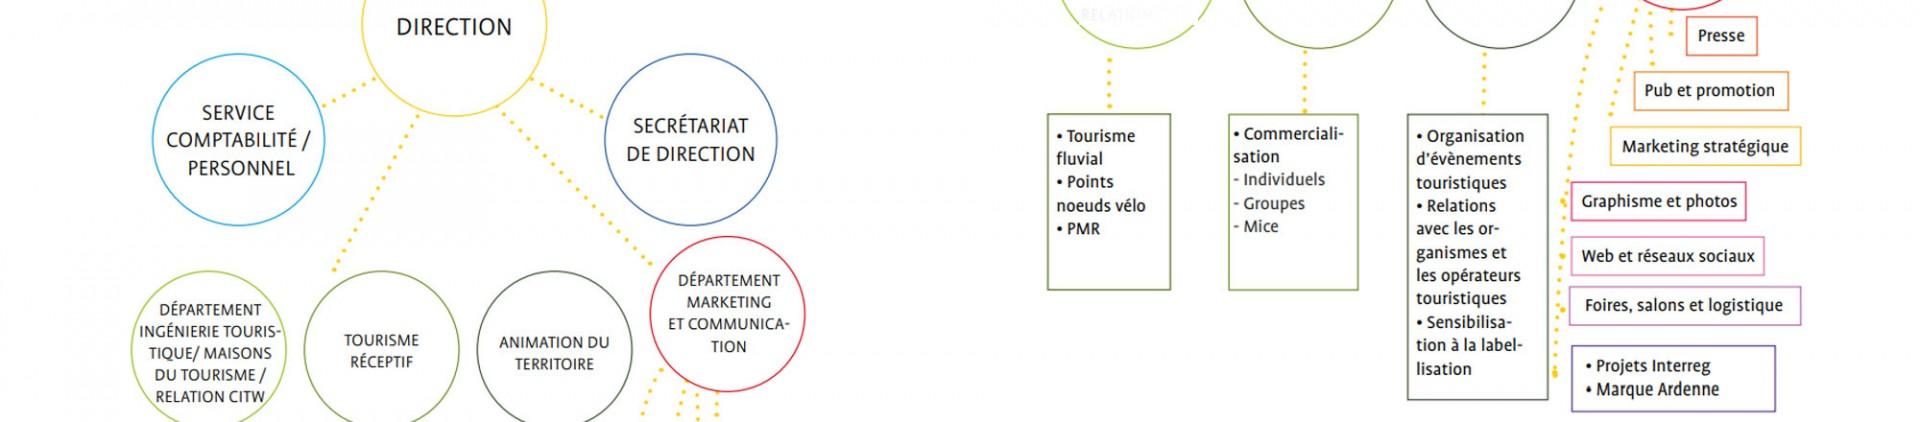 Organizational chart - FTPL